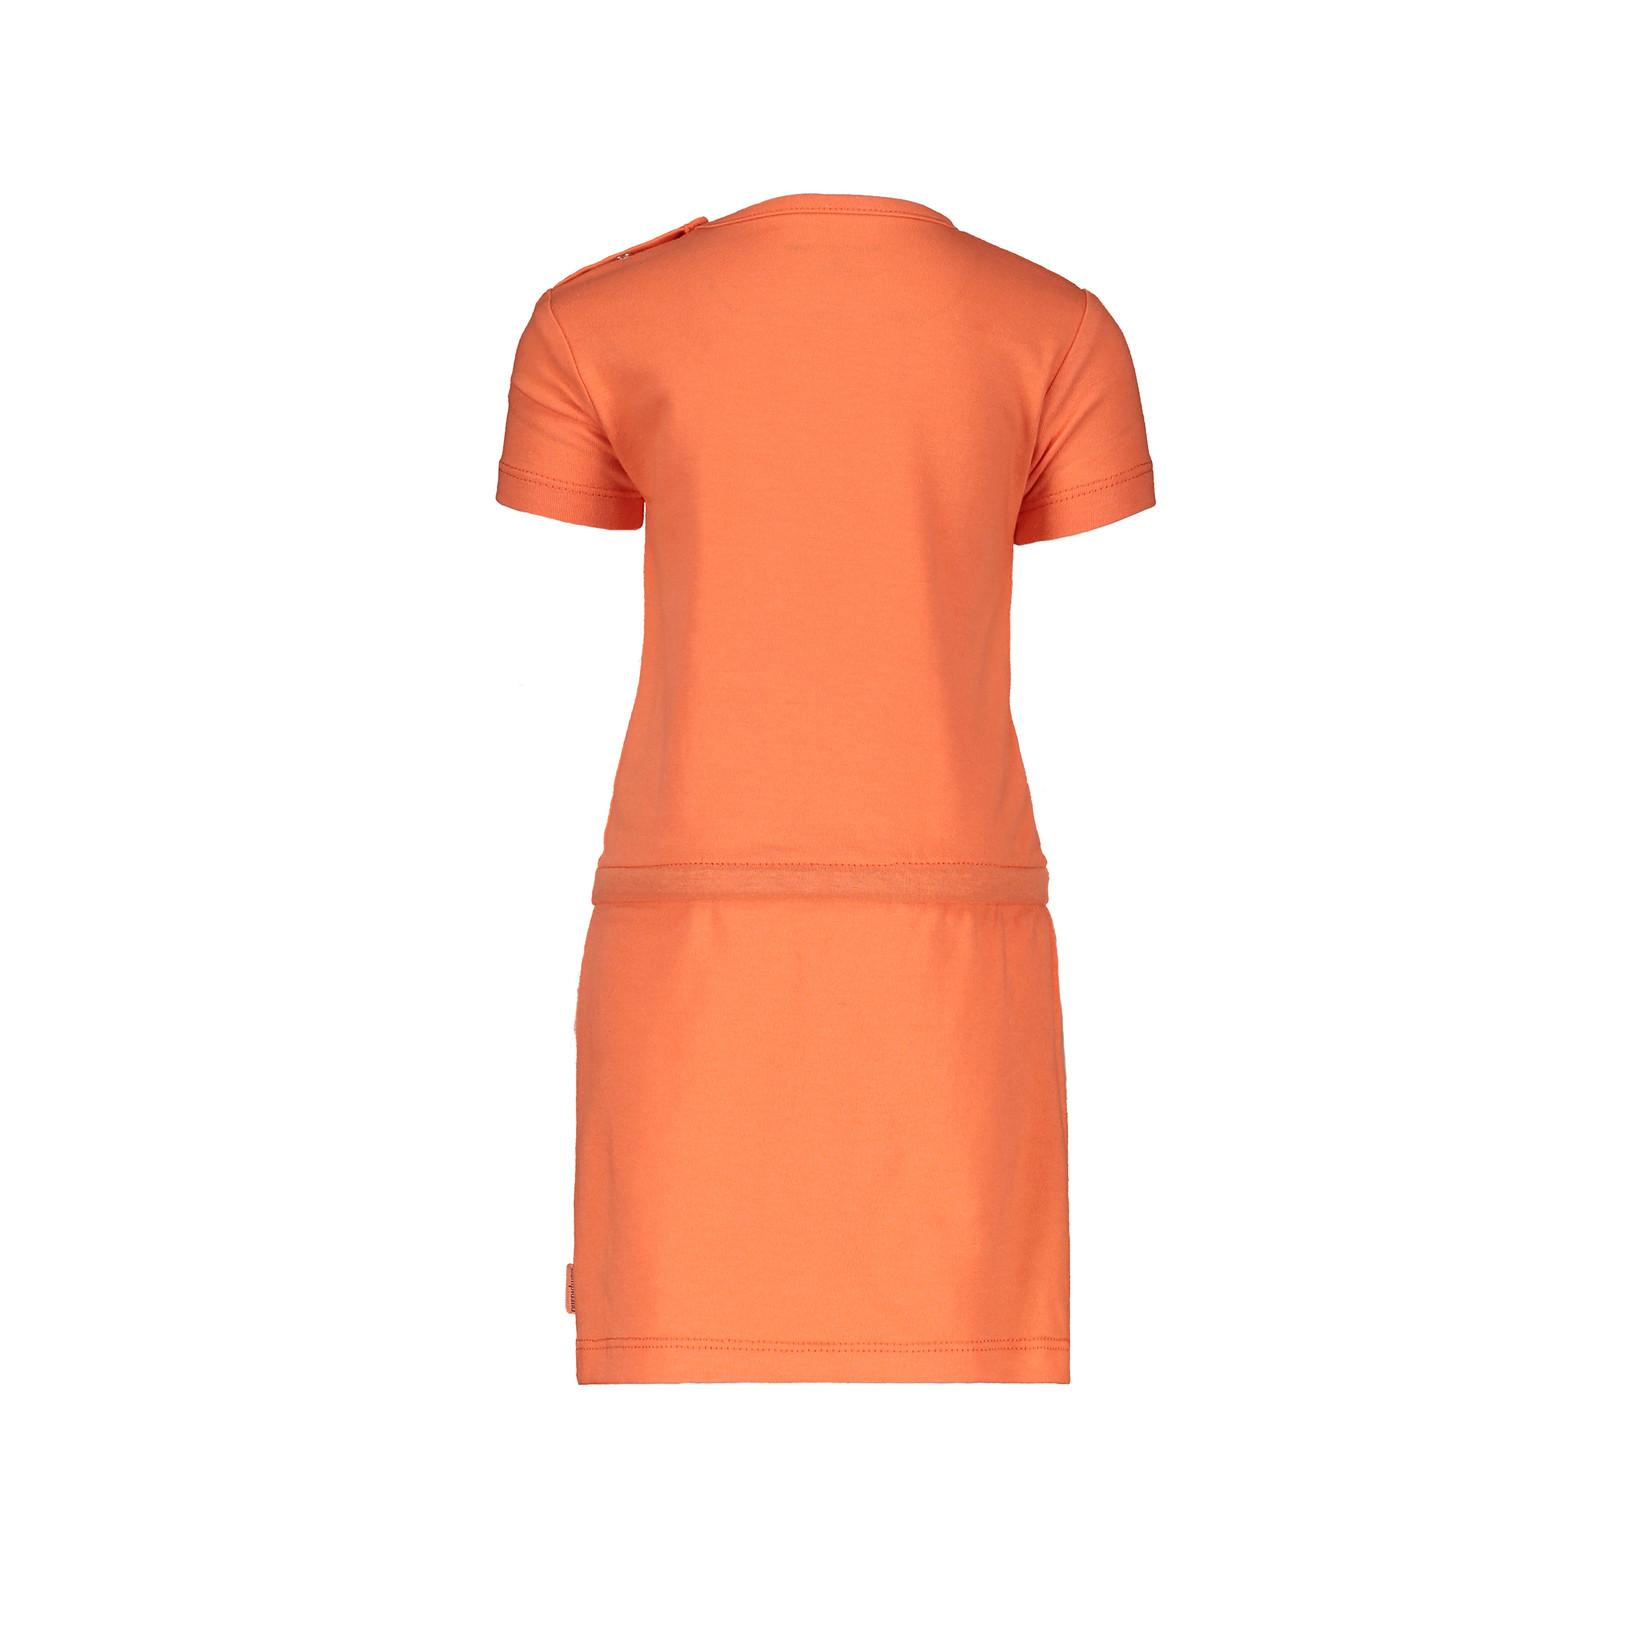 Bampidano Little Bampidano Girls short sleeve dress Dunja plain with waist cord FLOWER